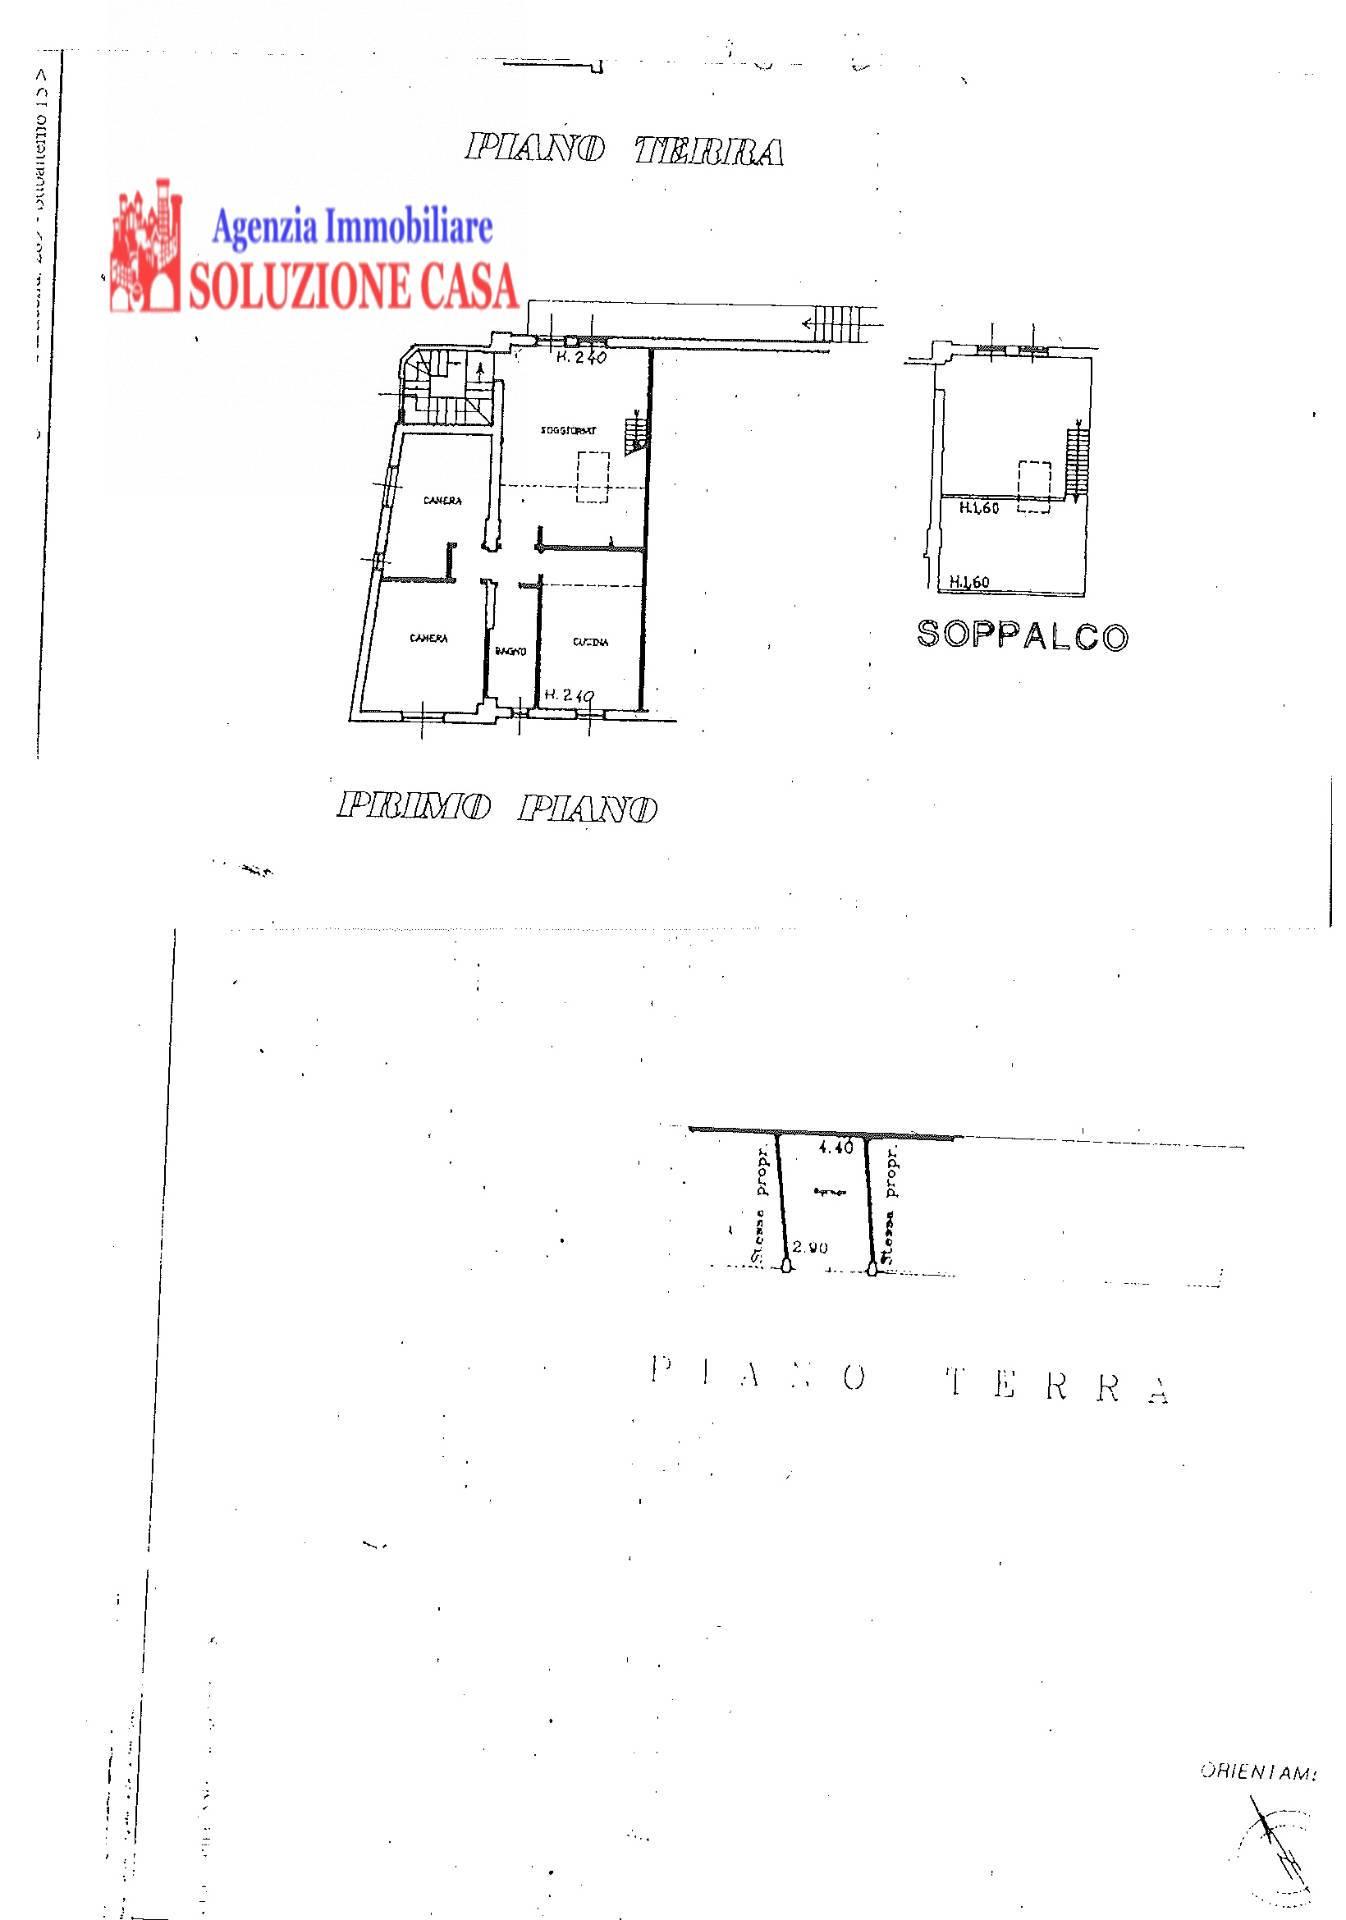 Appartamento in affitto a Sant'Agostino, 4 locali, zona Località: SanCarlo, prezzo € 450 | Cambio Casa.it